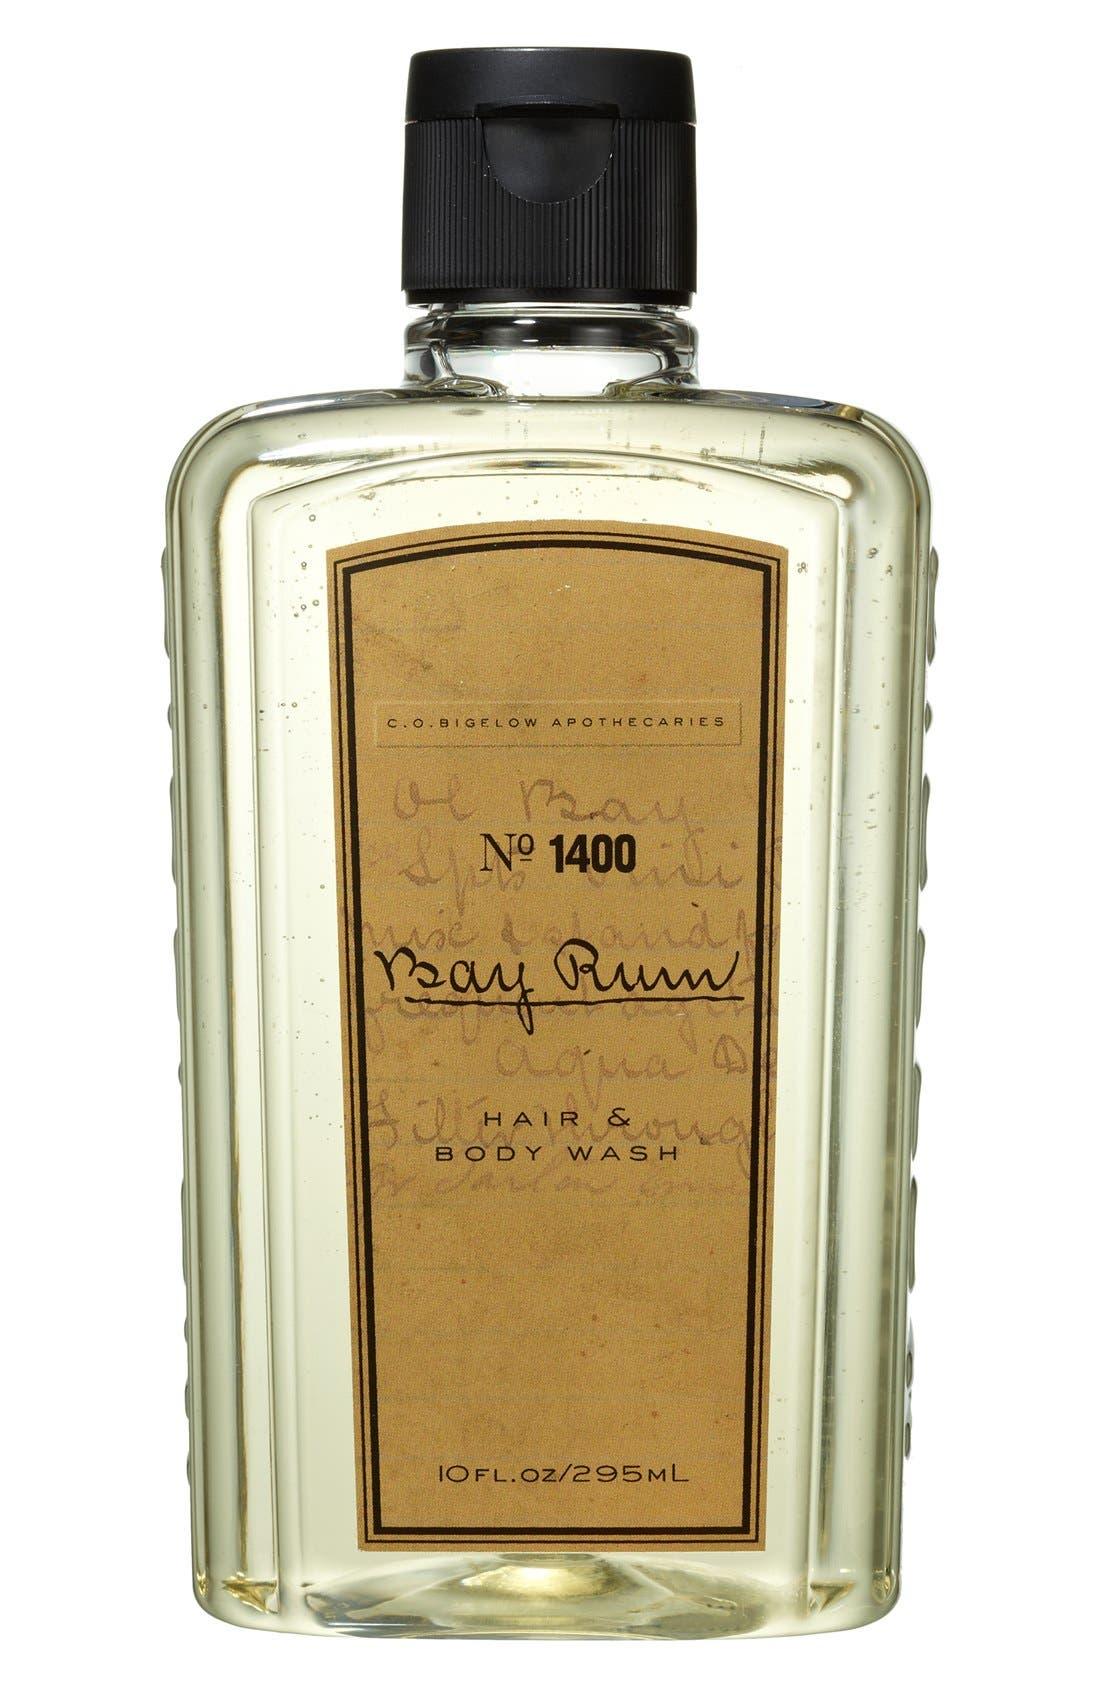 C.O. Bigelow® Bay Rum Hair & Body Wash